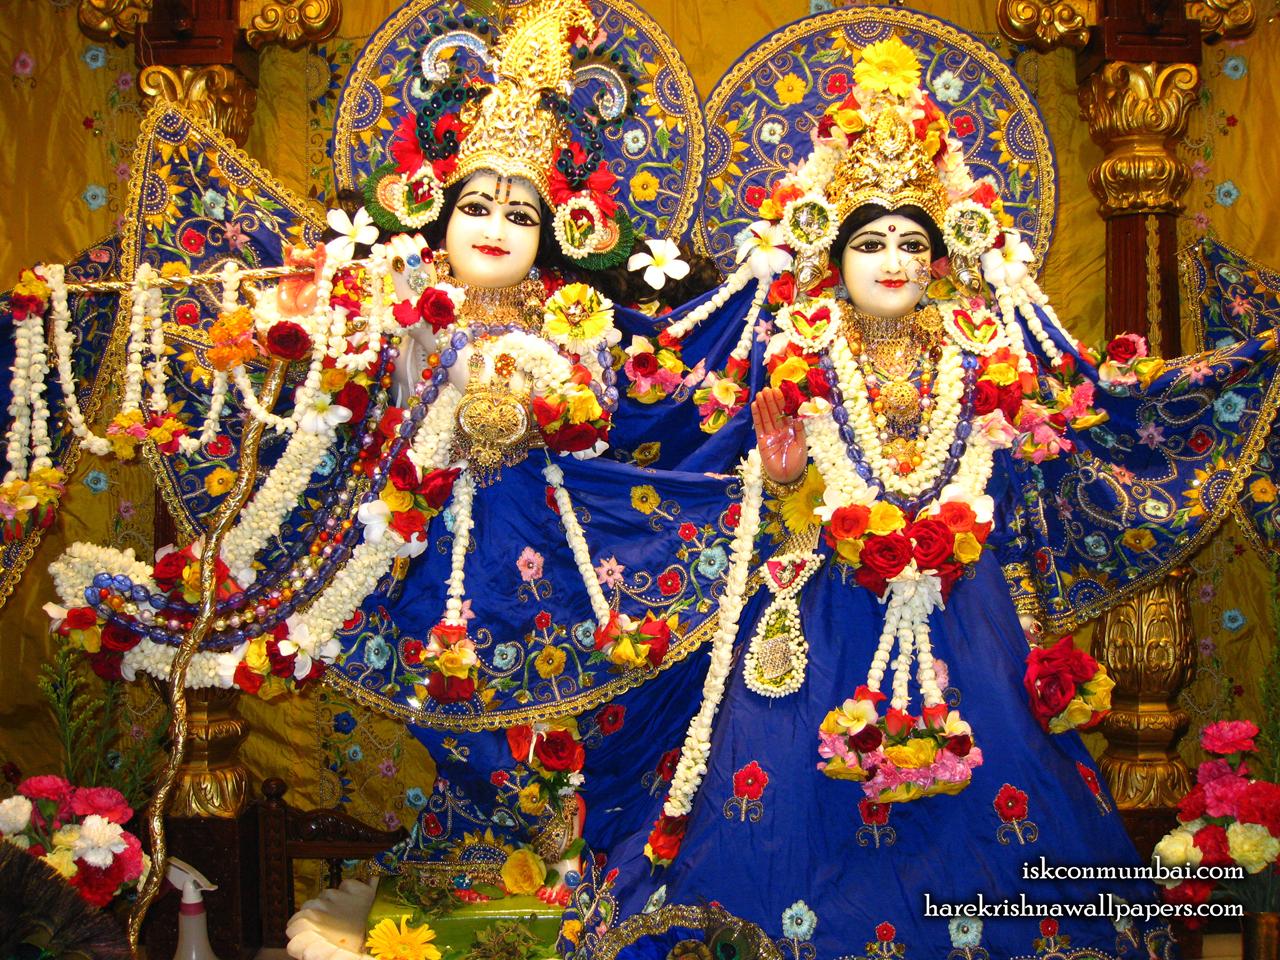 Sri Sri Radha Rasabihari Wallpaper (010) Size 1280x960 Download